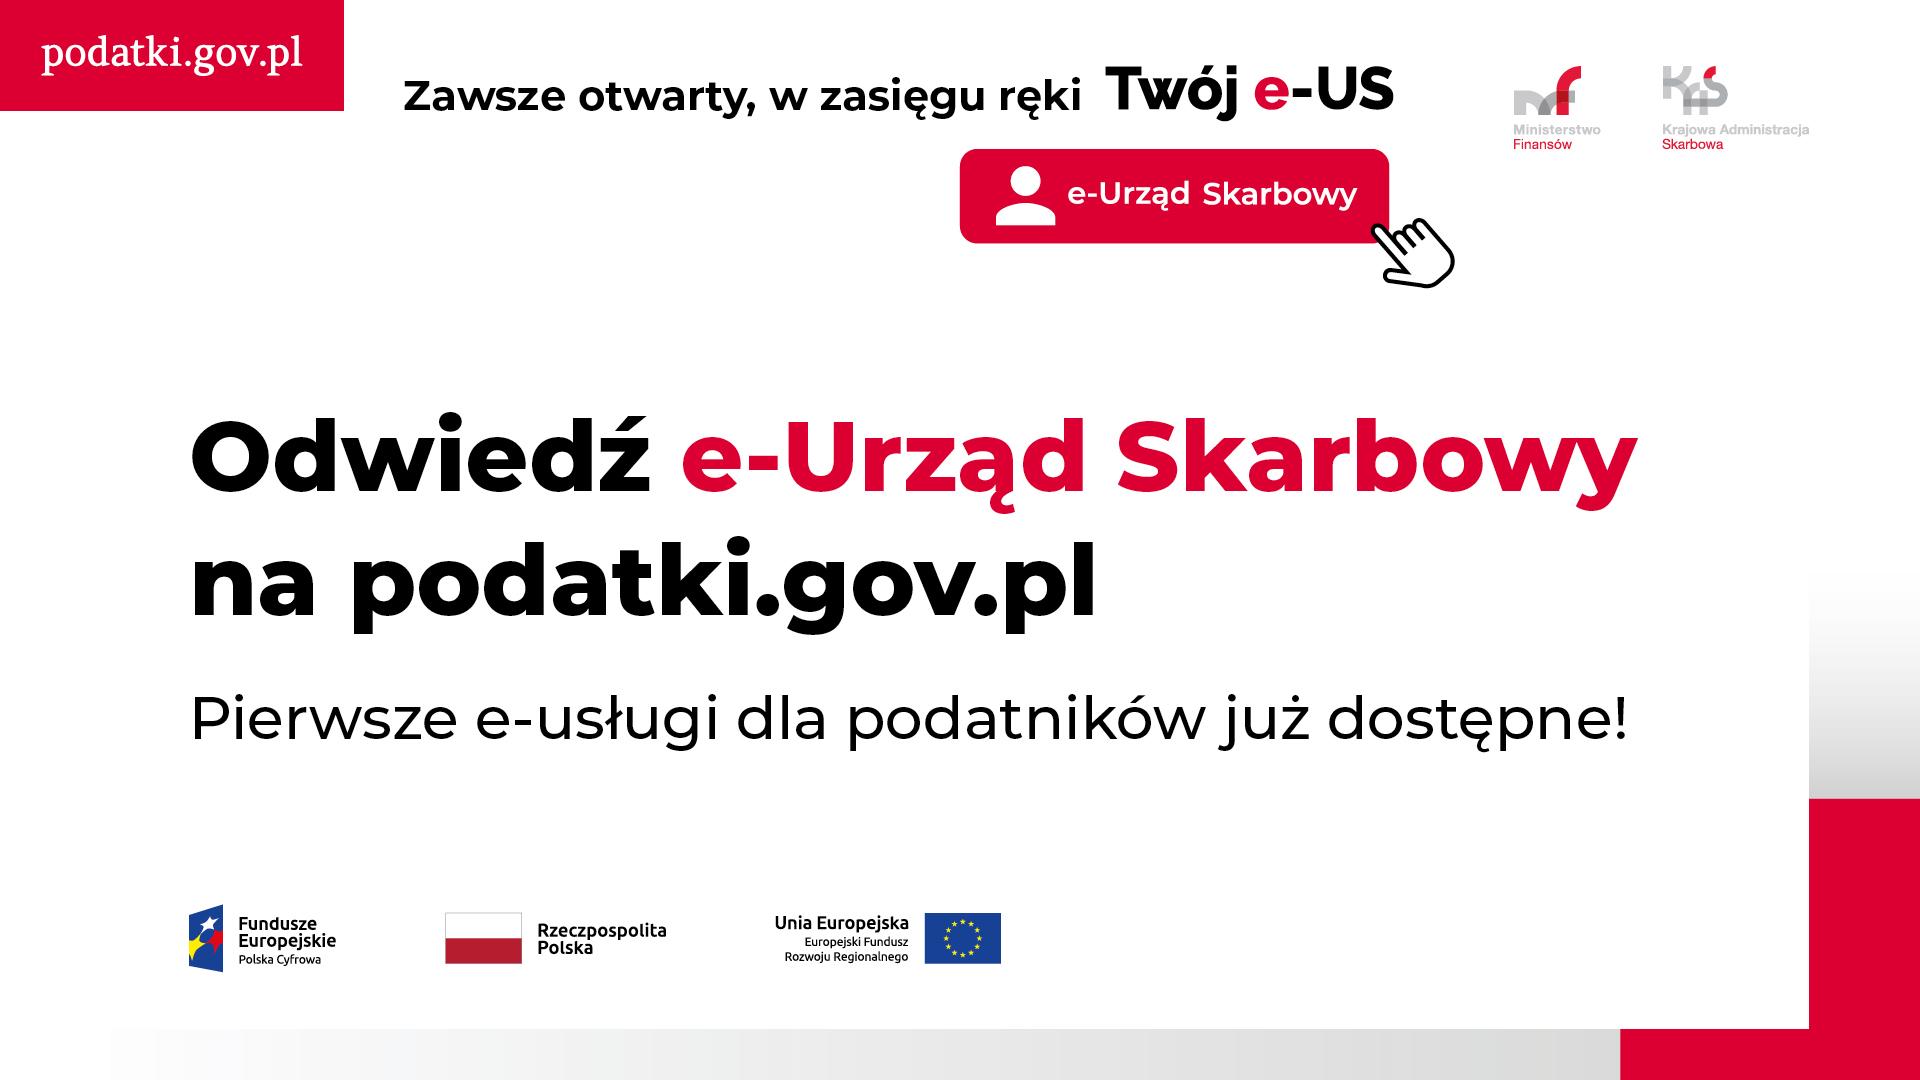 e-Urząd Skarbowy już otwarty